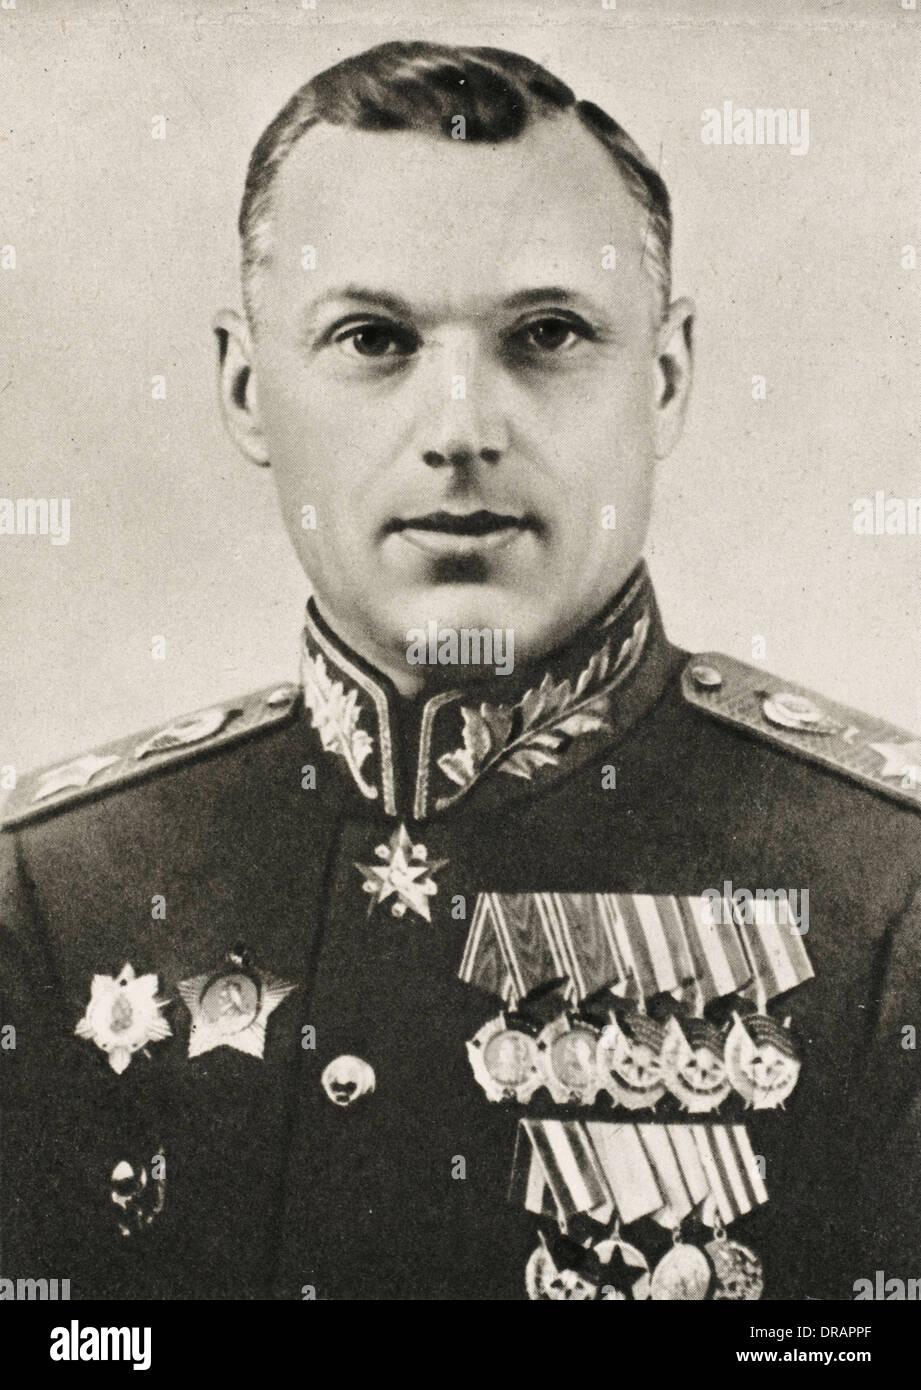 Konstantin Rokossovsky - Stock Image